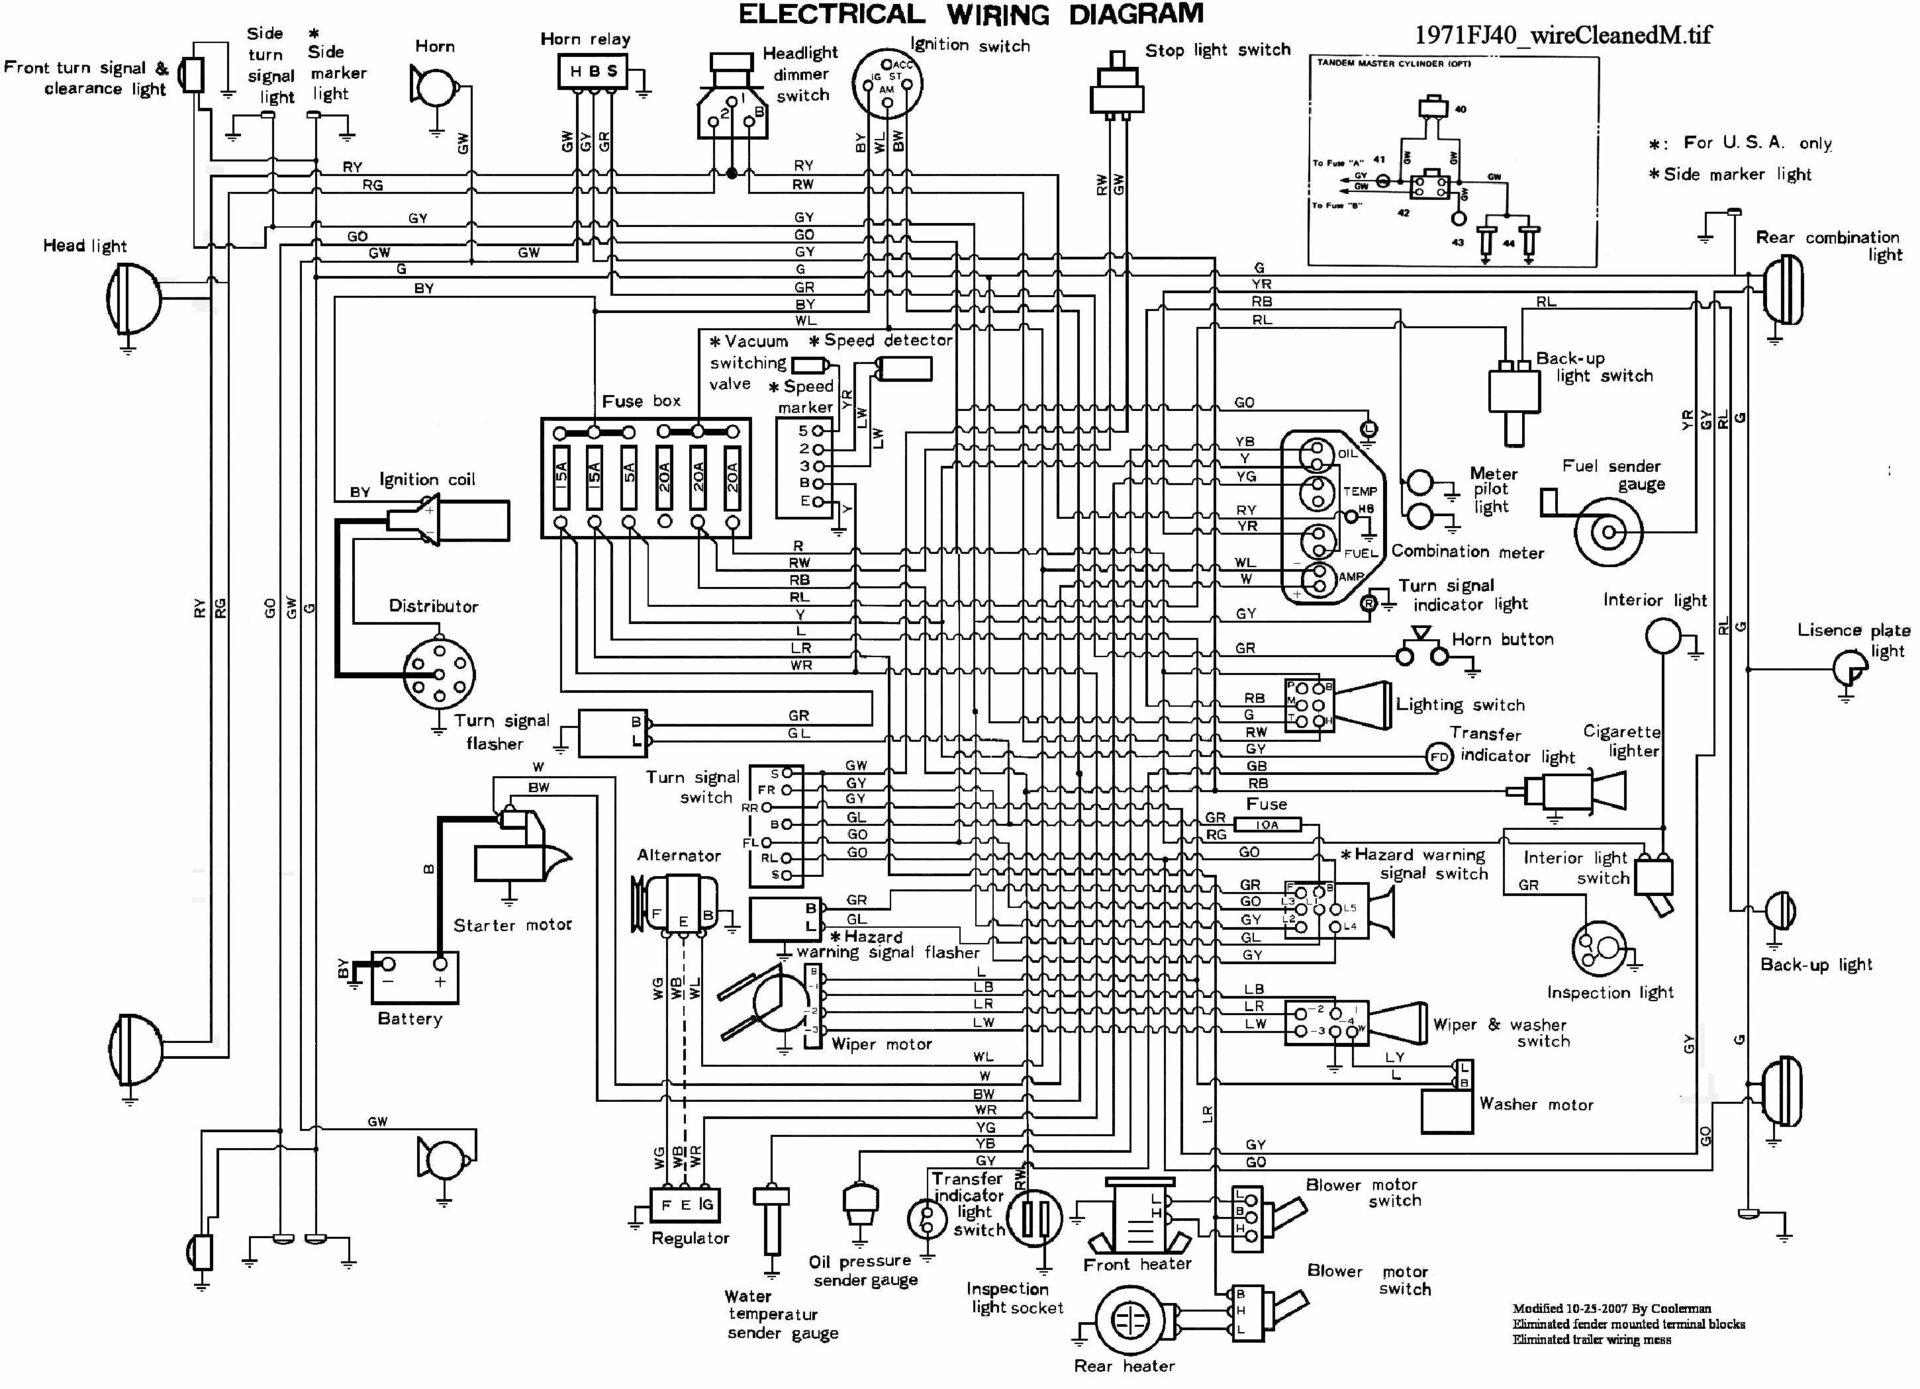 alternator warning light wiring diagram az 8766  painless indicator light wiring diagram free diagram  painless indicator light wiring diagram